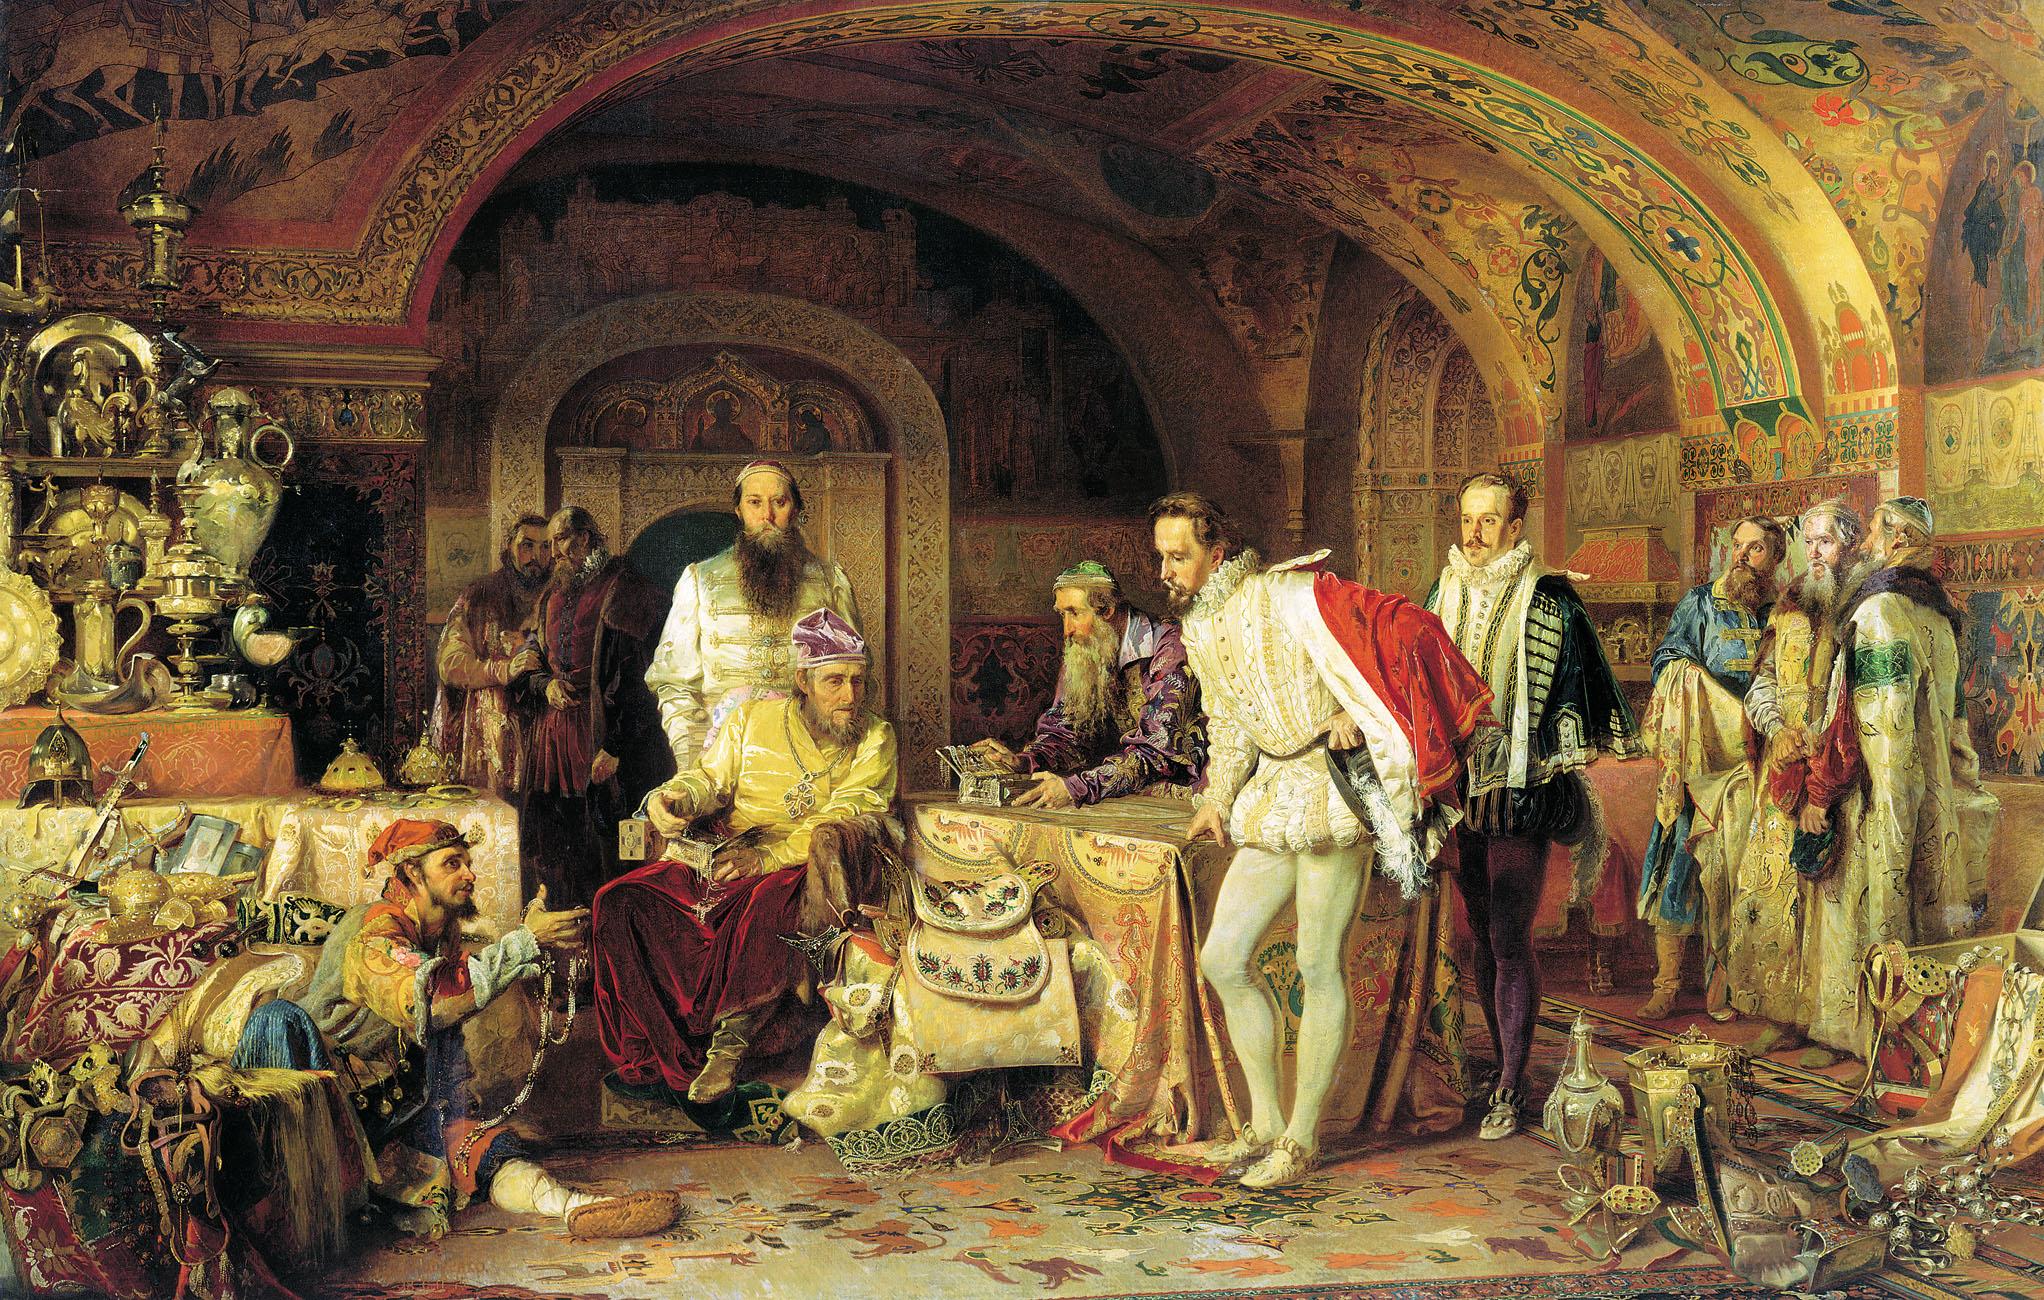 Ivan the Terrible Showing His Treasures to Jerome Horsey by Alexander Litovchenko (1875)